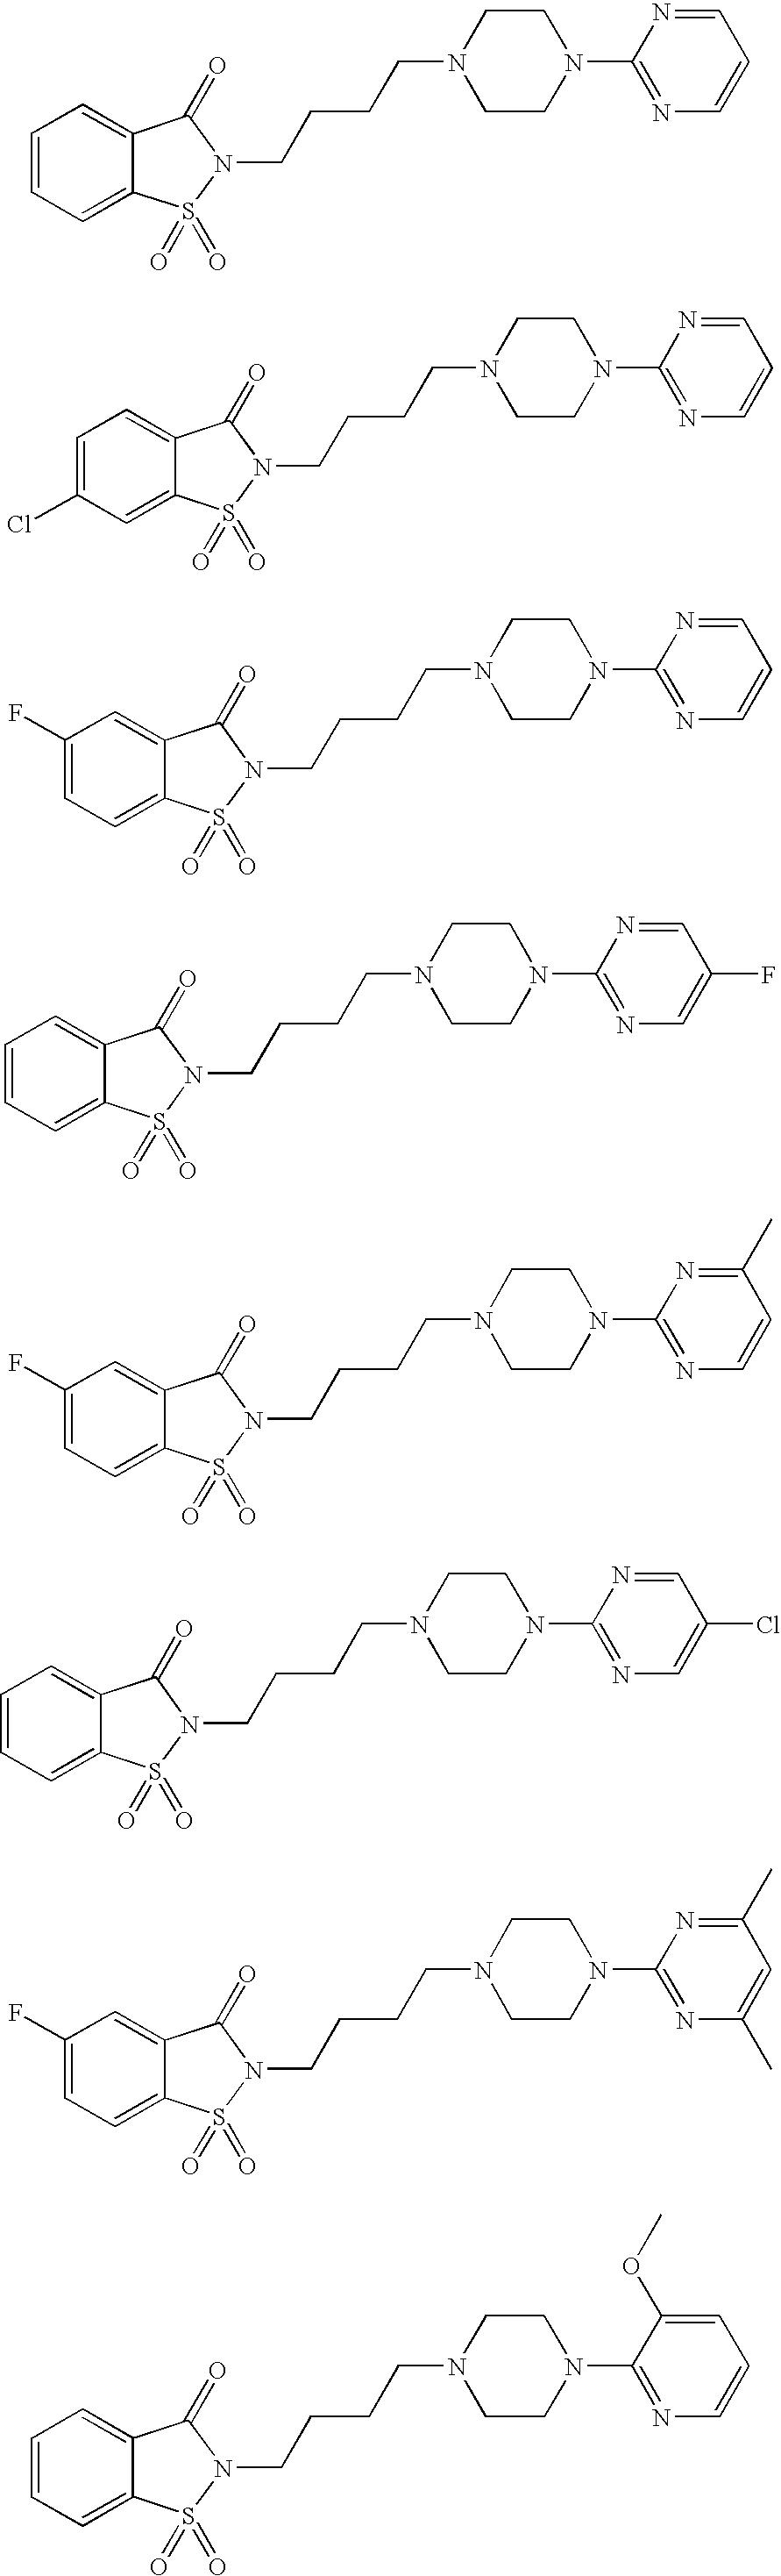 Figure US20100009983A1-20100114-C00022